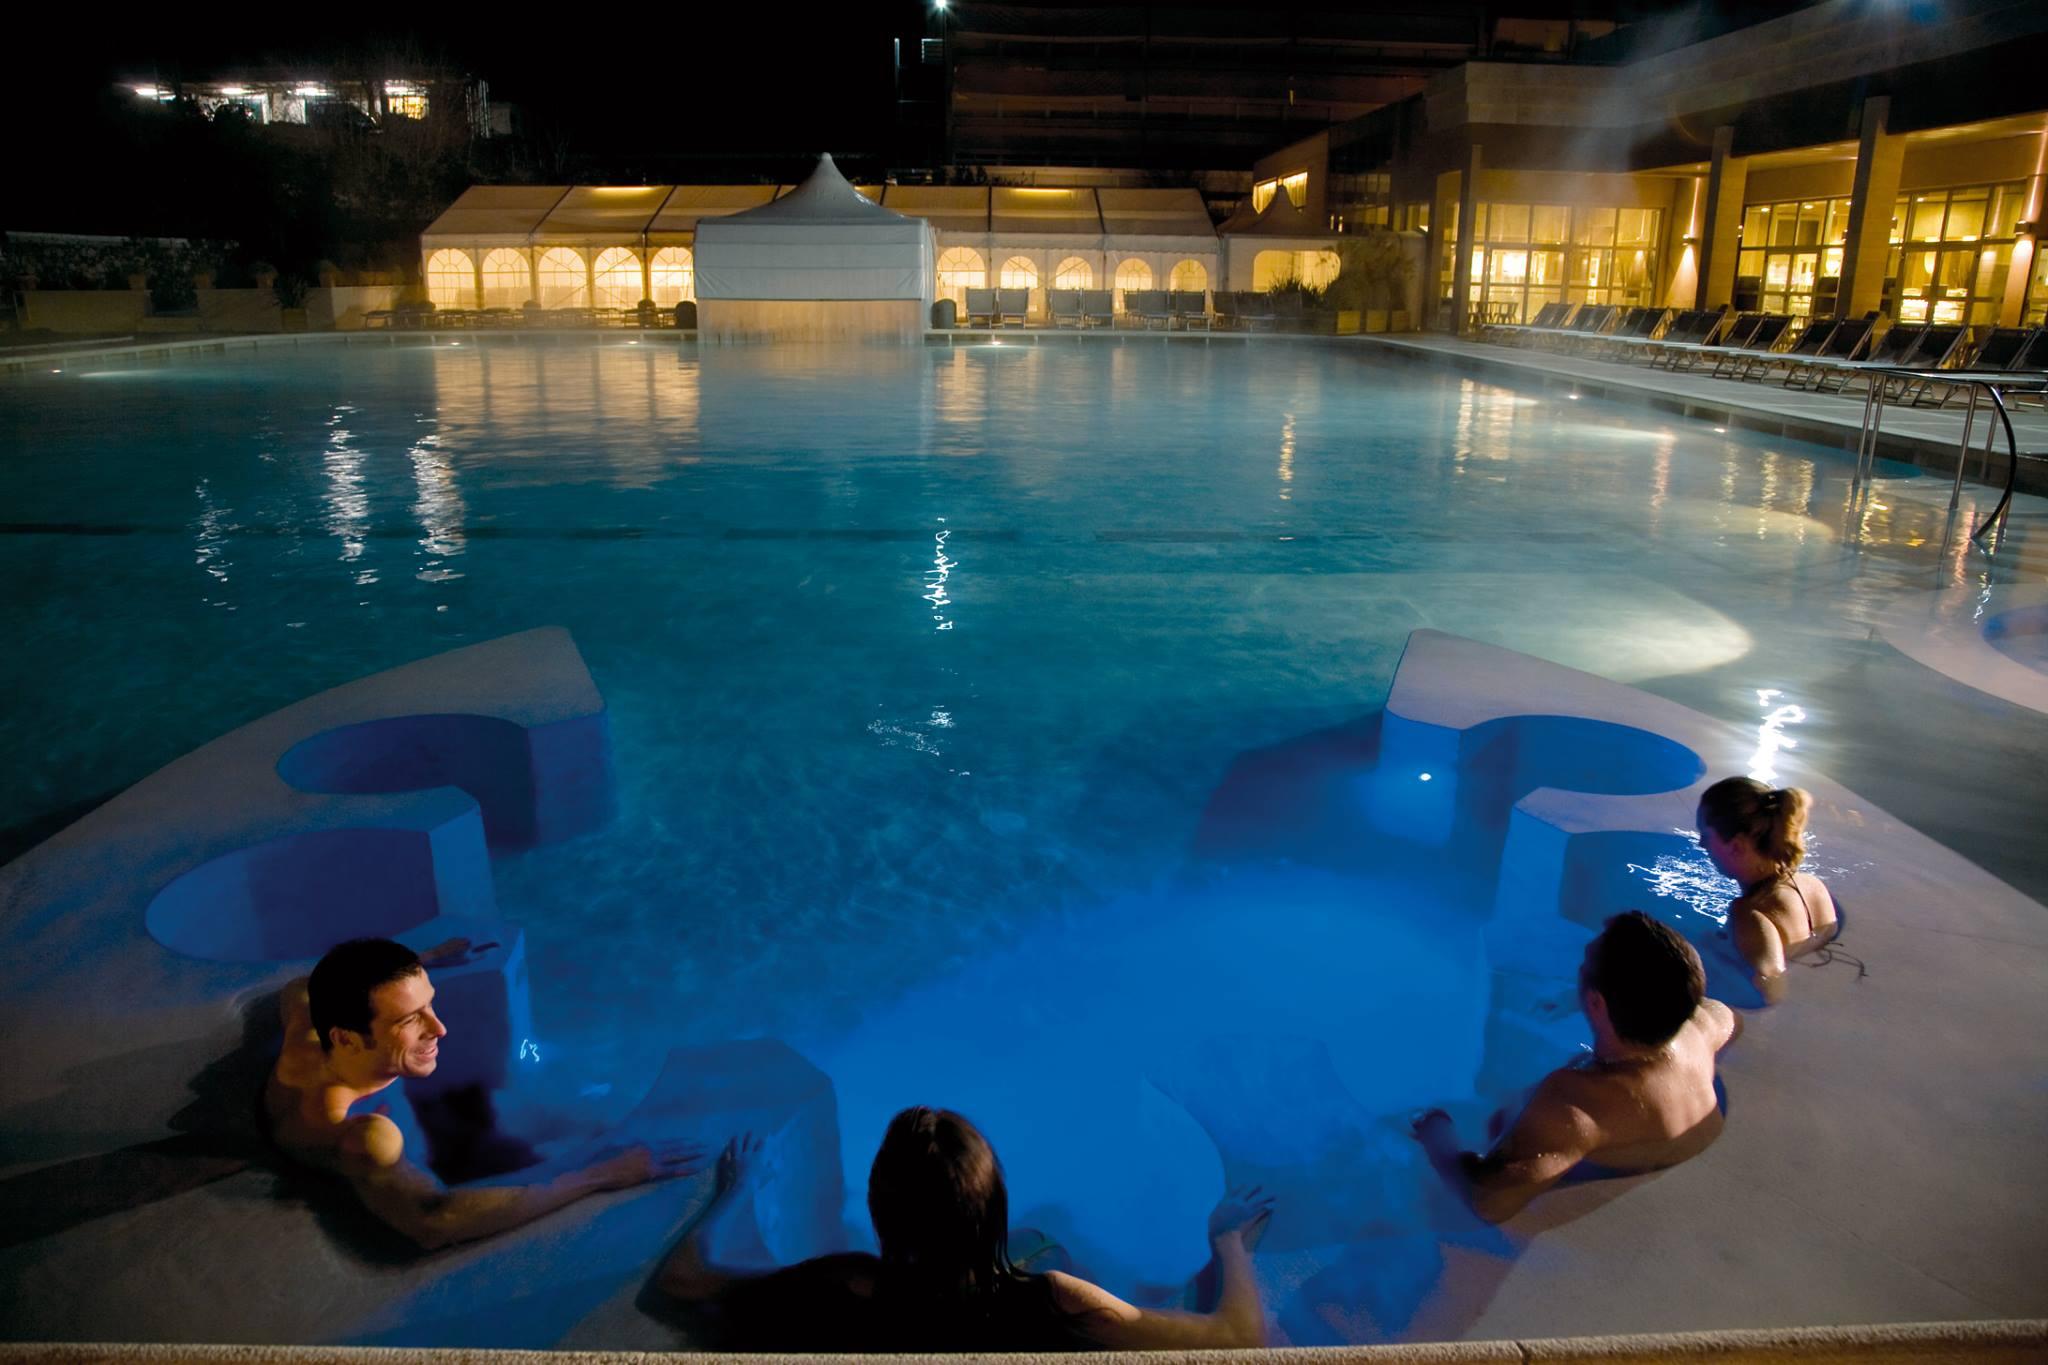 Grotta giusti terme hotel monsummano terme pistoia toscana - Hotel con piscina termale toscana ...